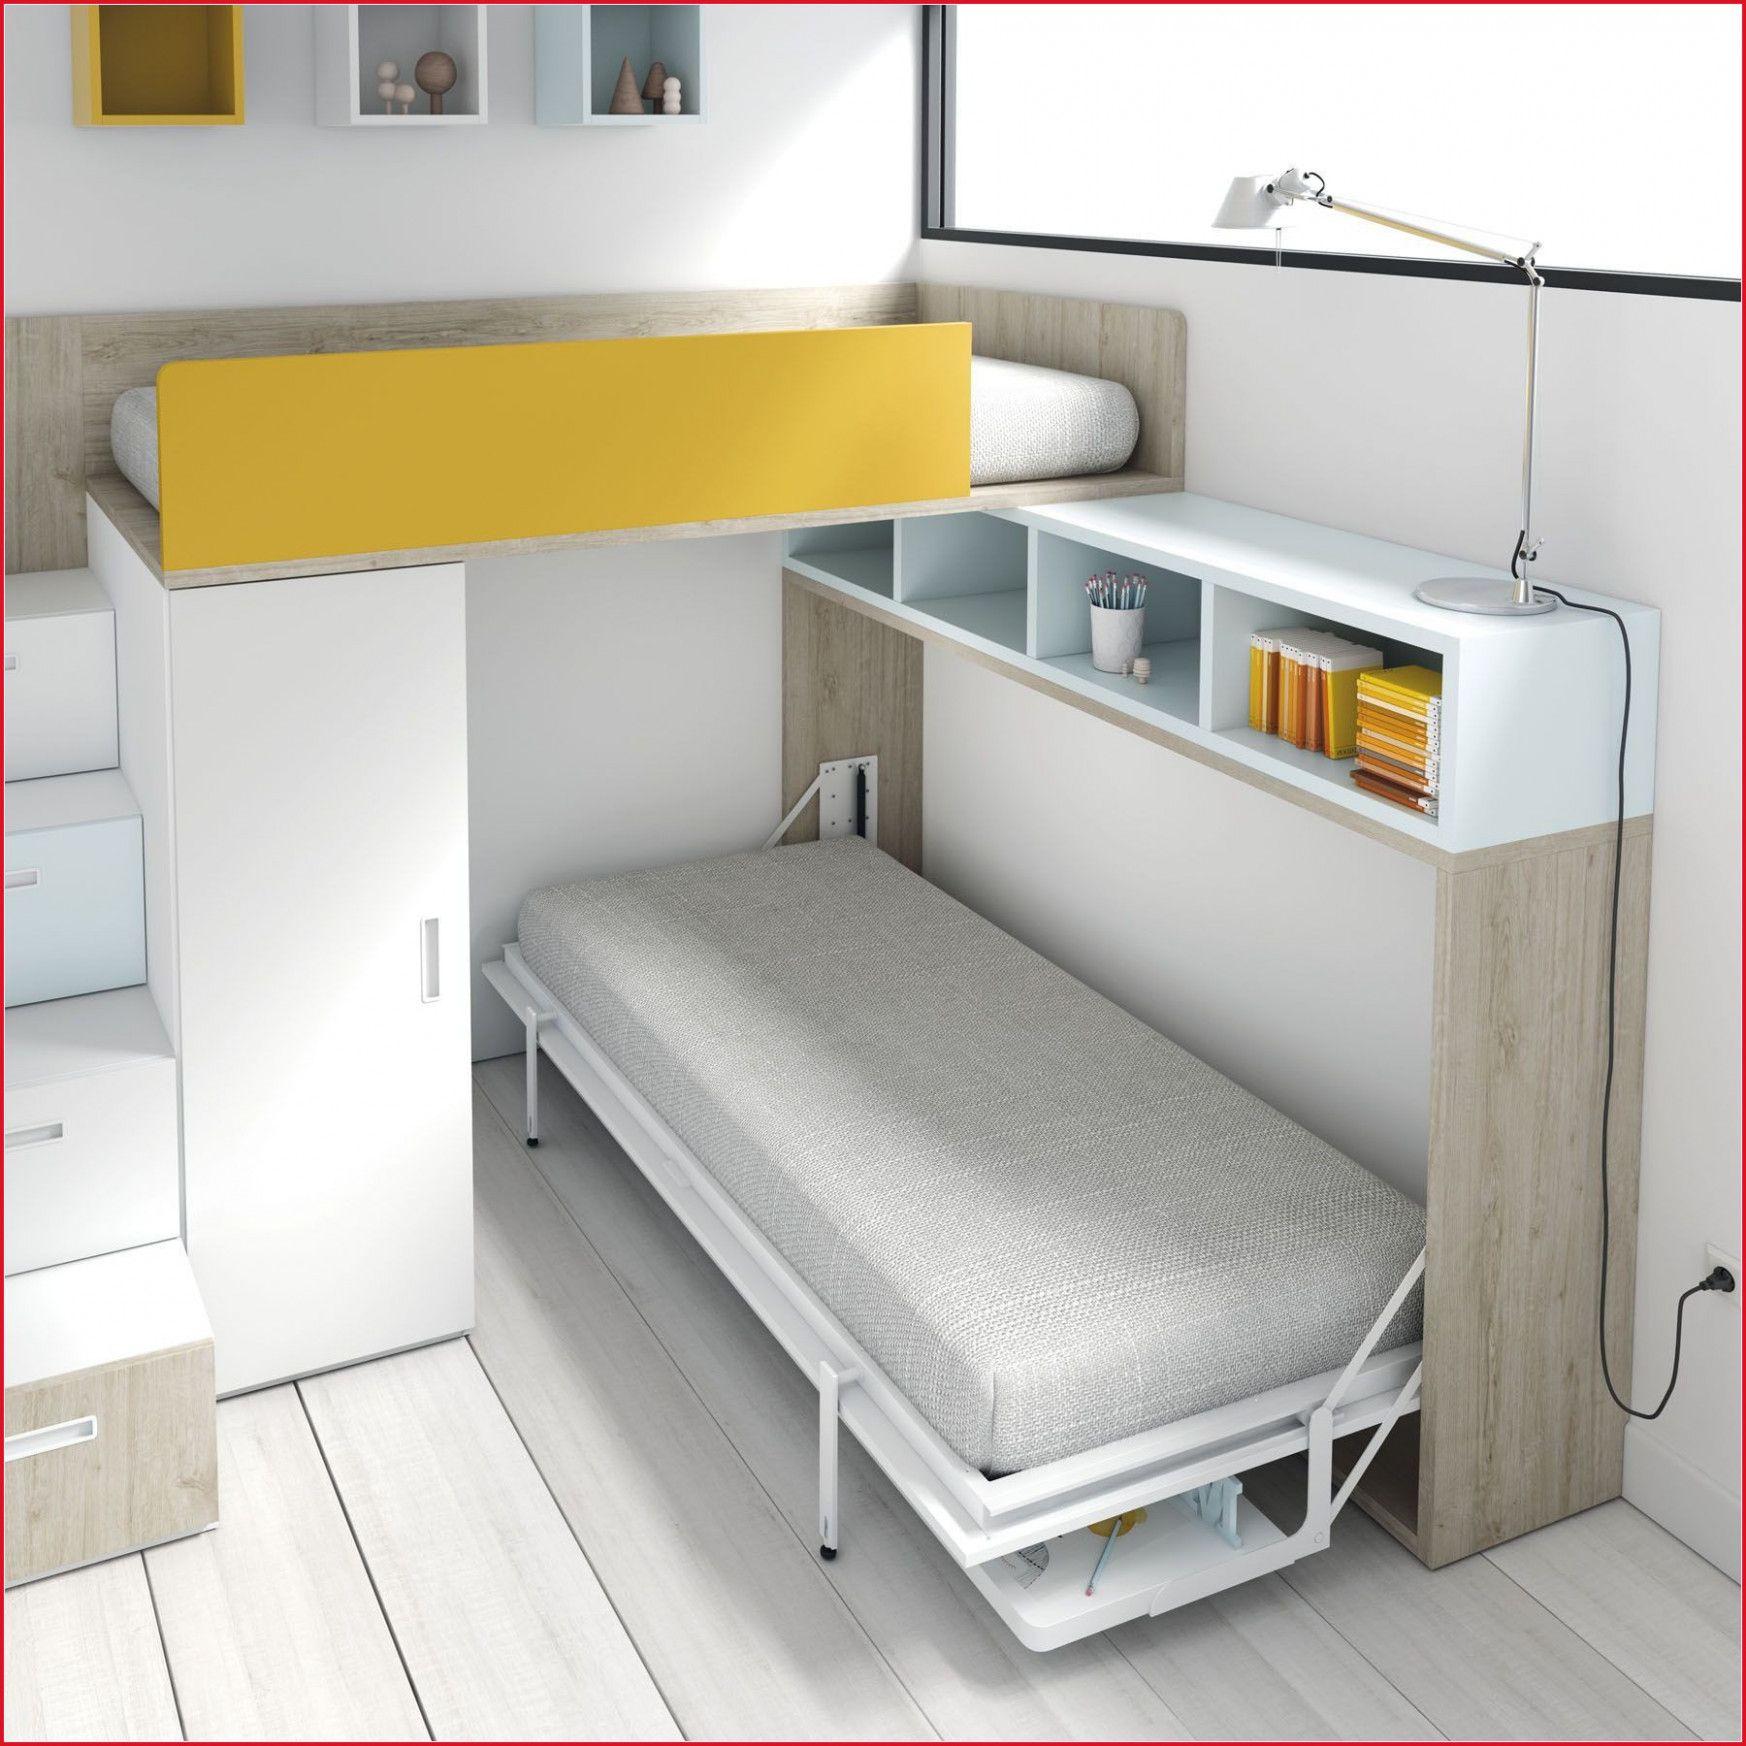 precio camas abatibles horizontales ikea